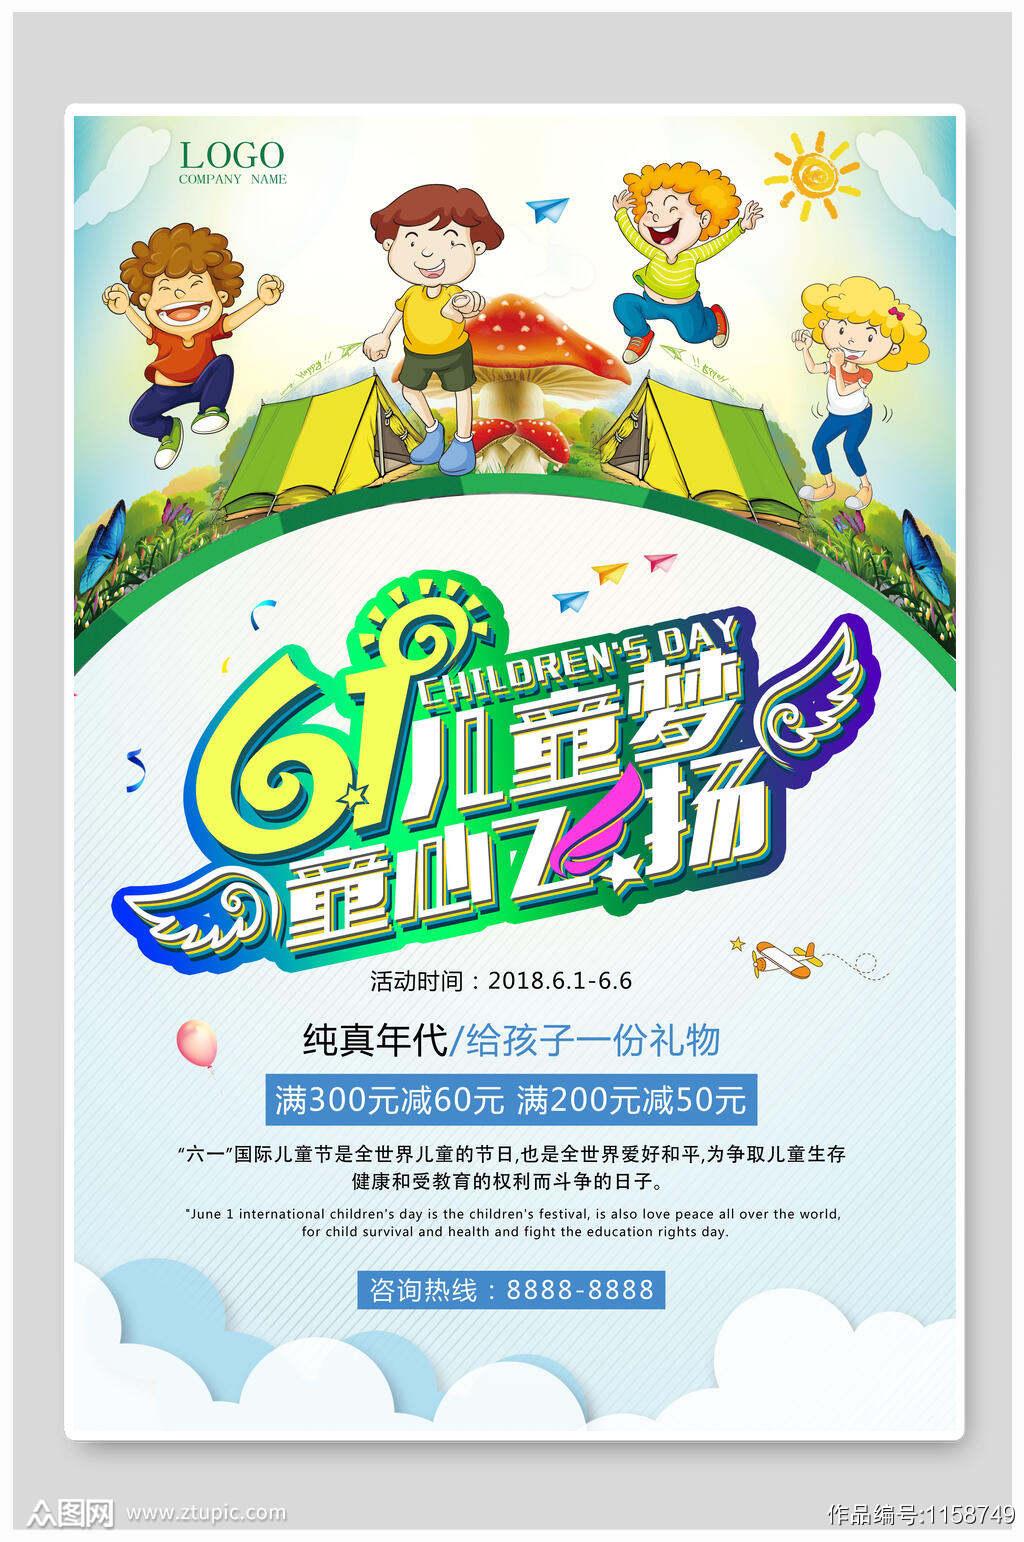 六一儿童节活动宣传海报素材